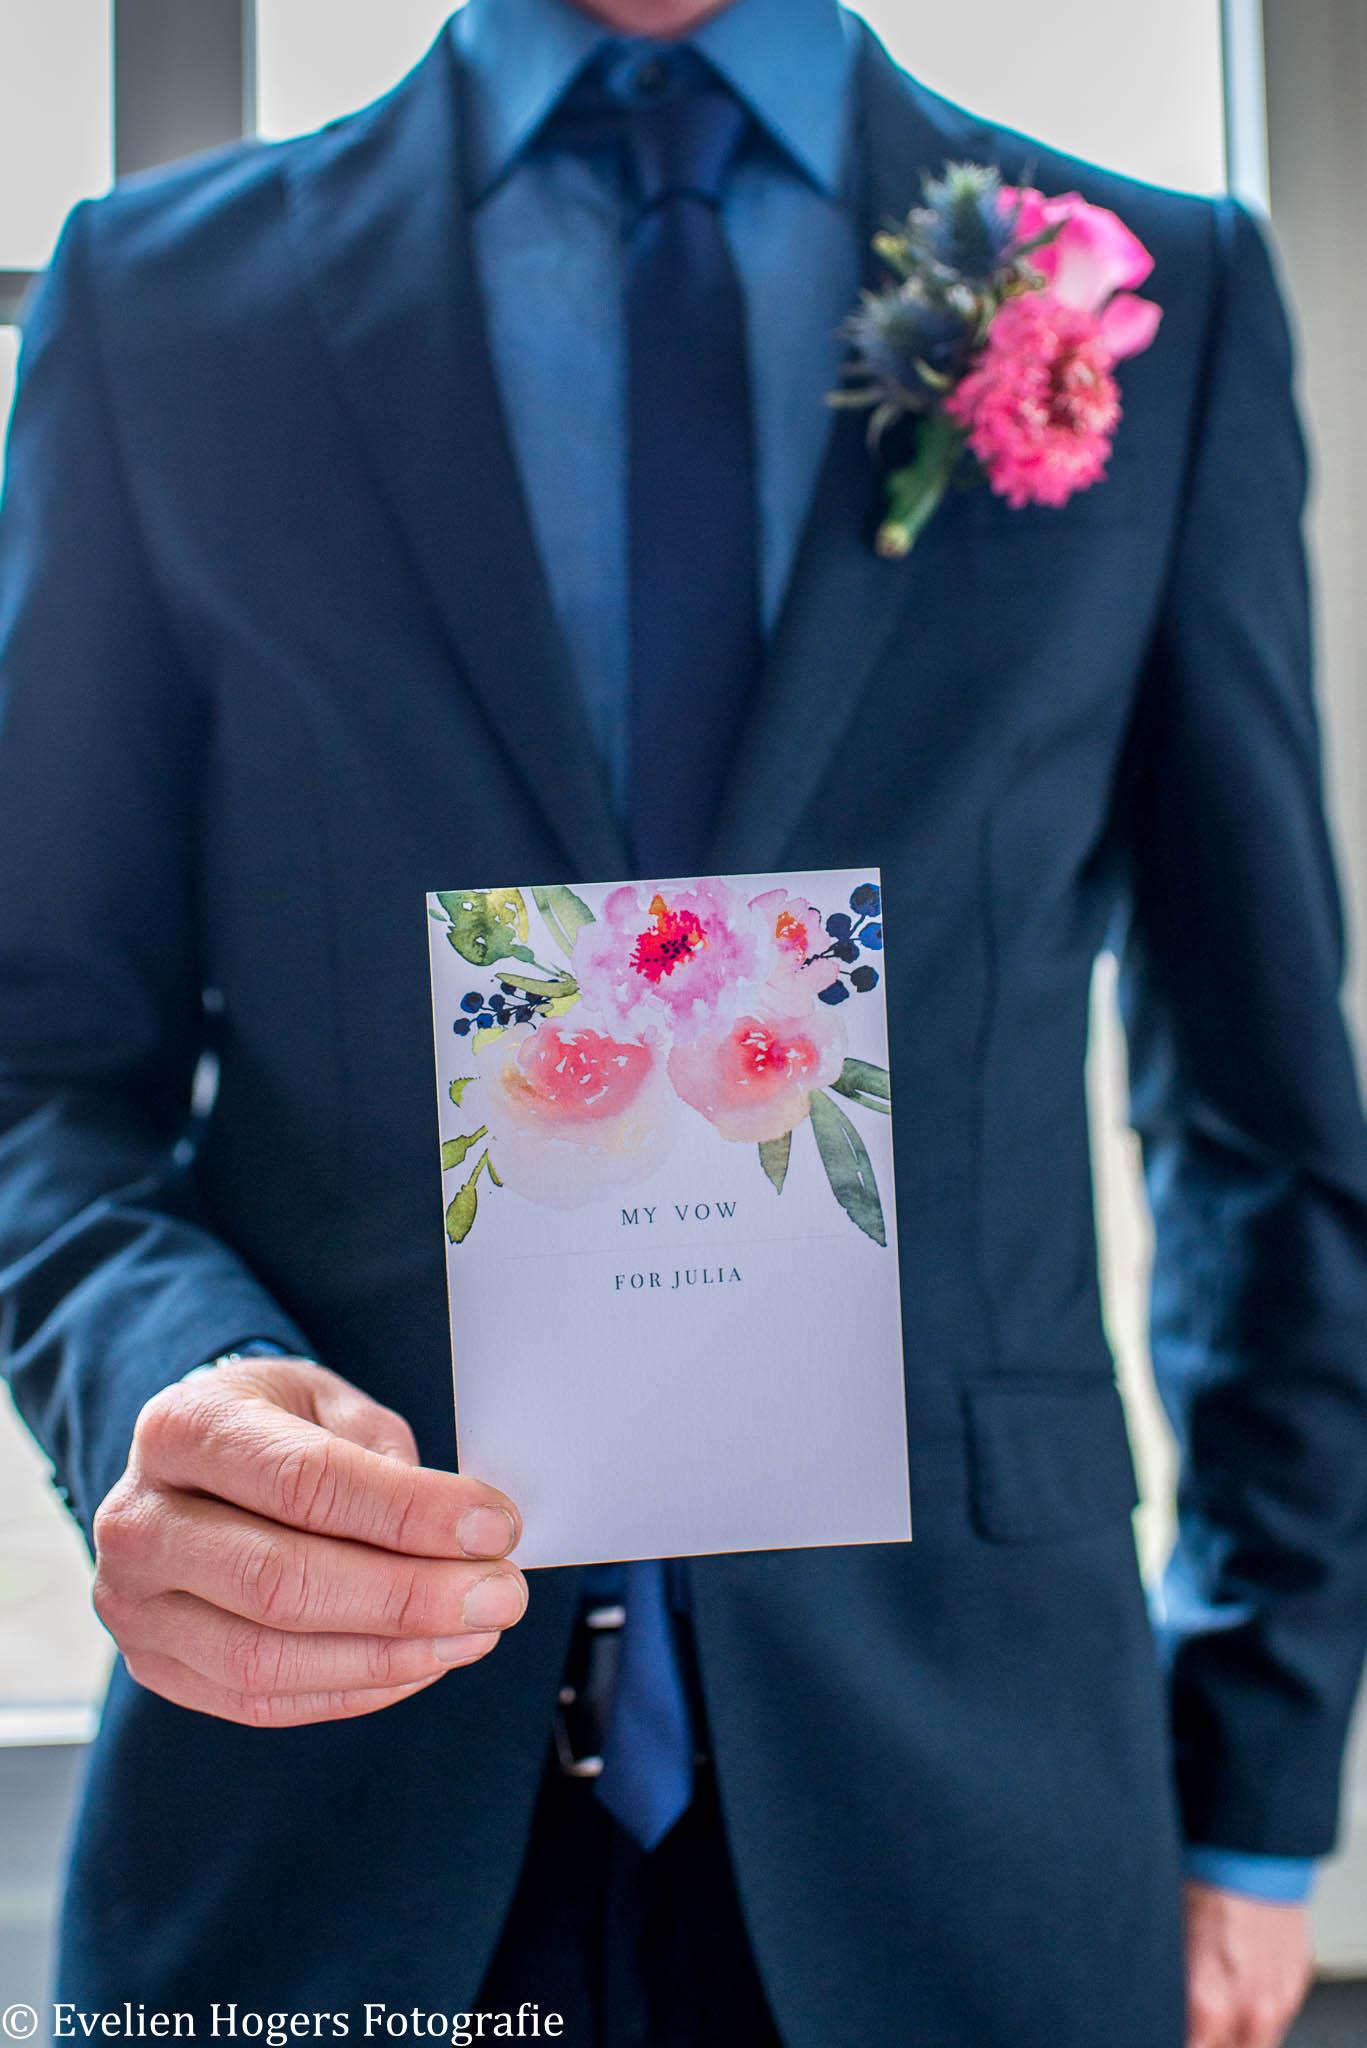 Estate_wedding_Metwatermerk-60.jpg